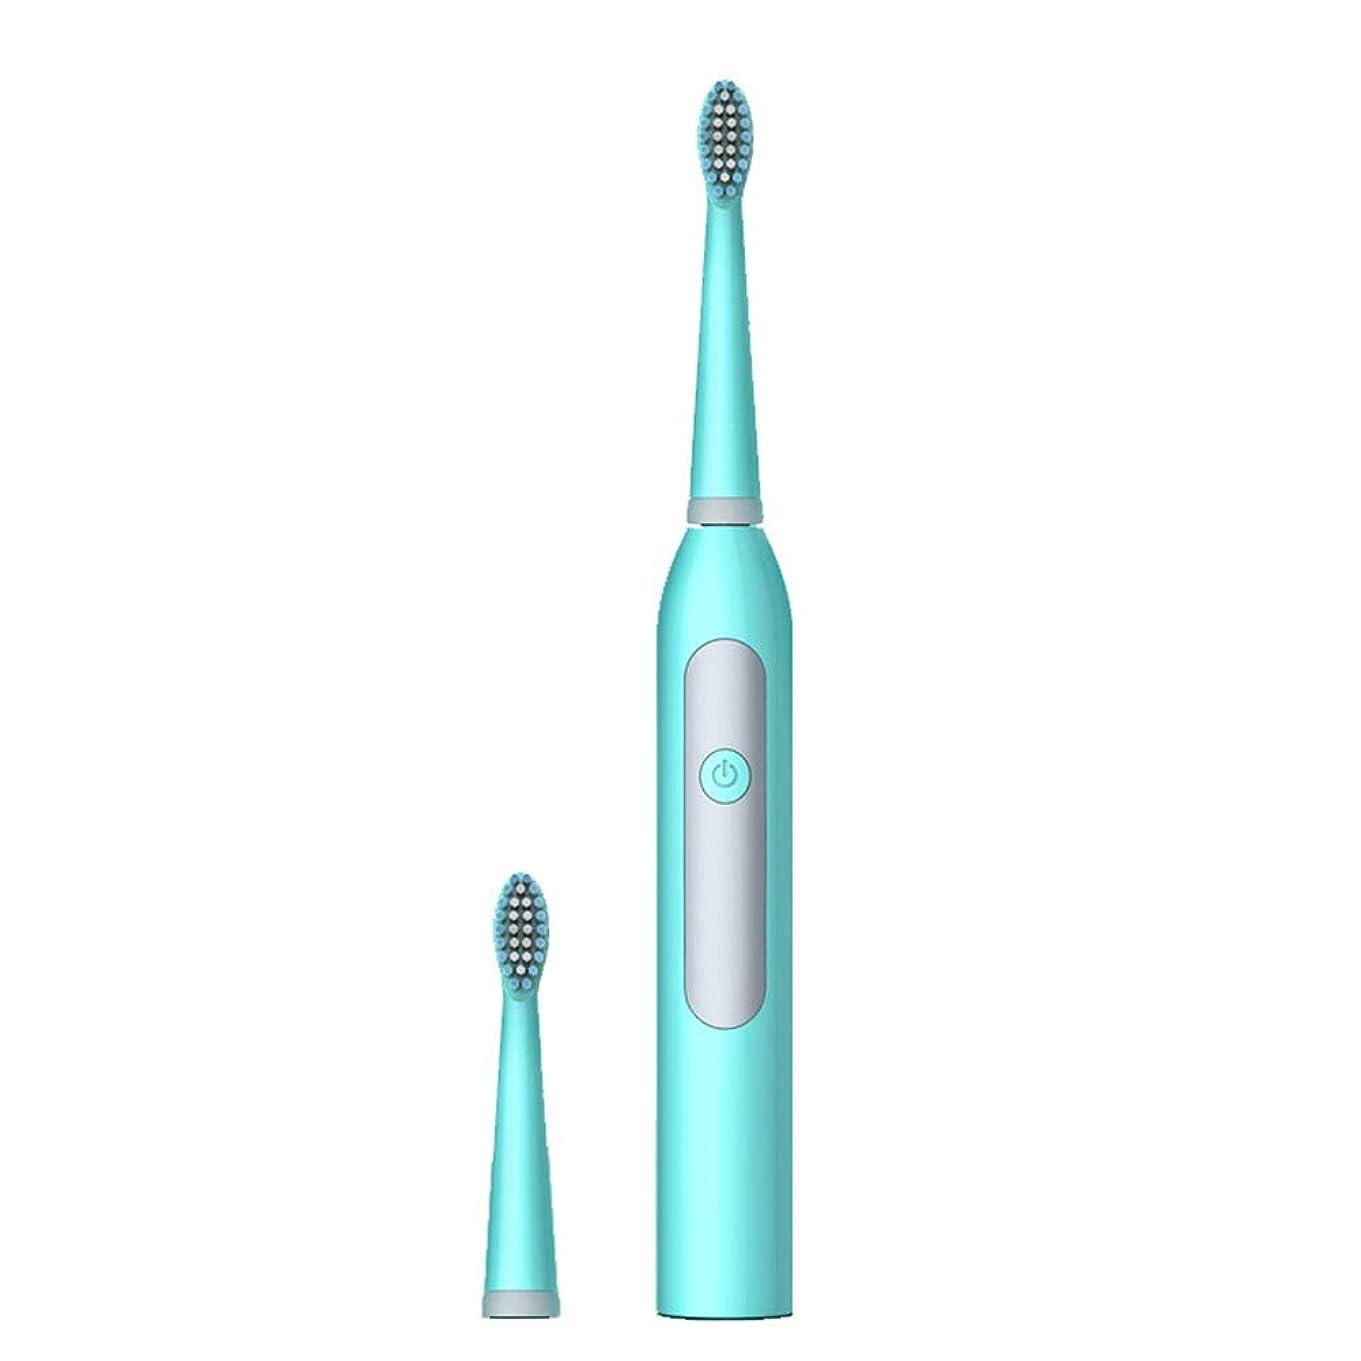 突然の華氏エスカレート電動歯ブラシ男性と女性の大人の家庭用非充電式ソフトヘア自動防水カップル音波,Blue